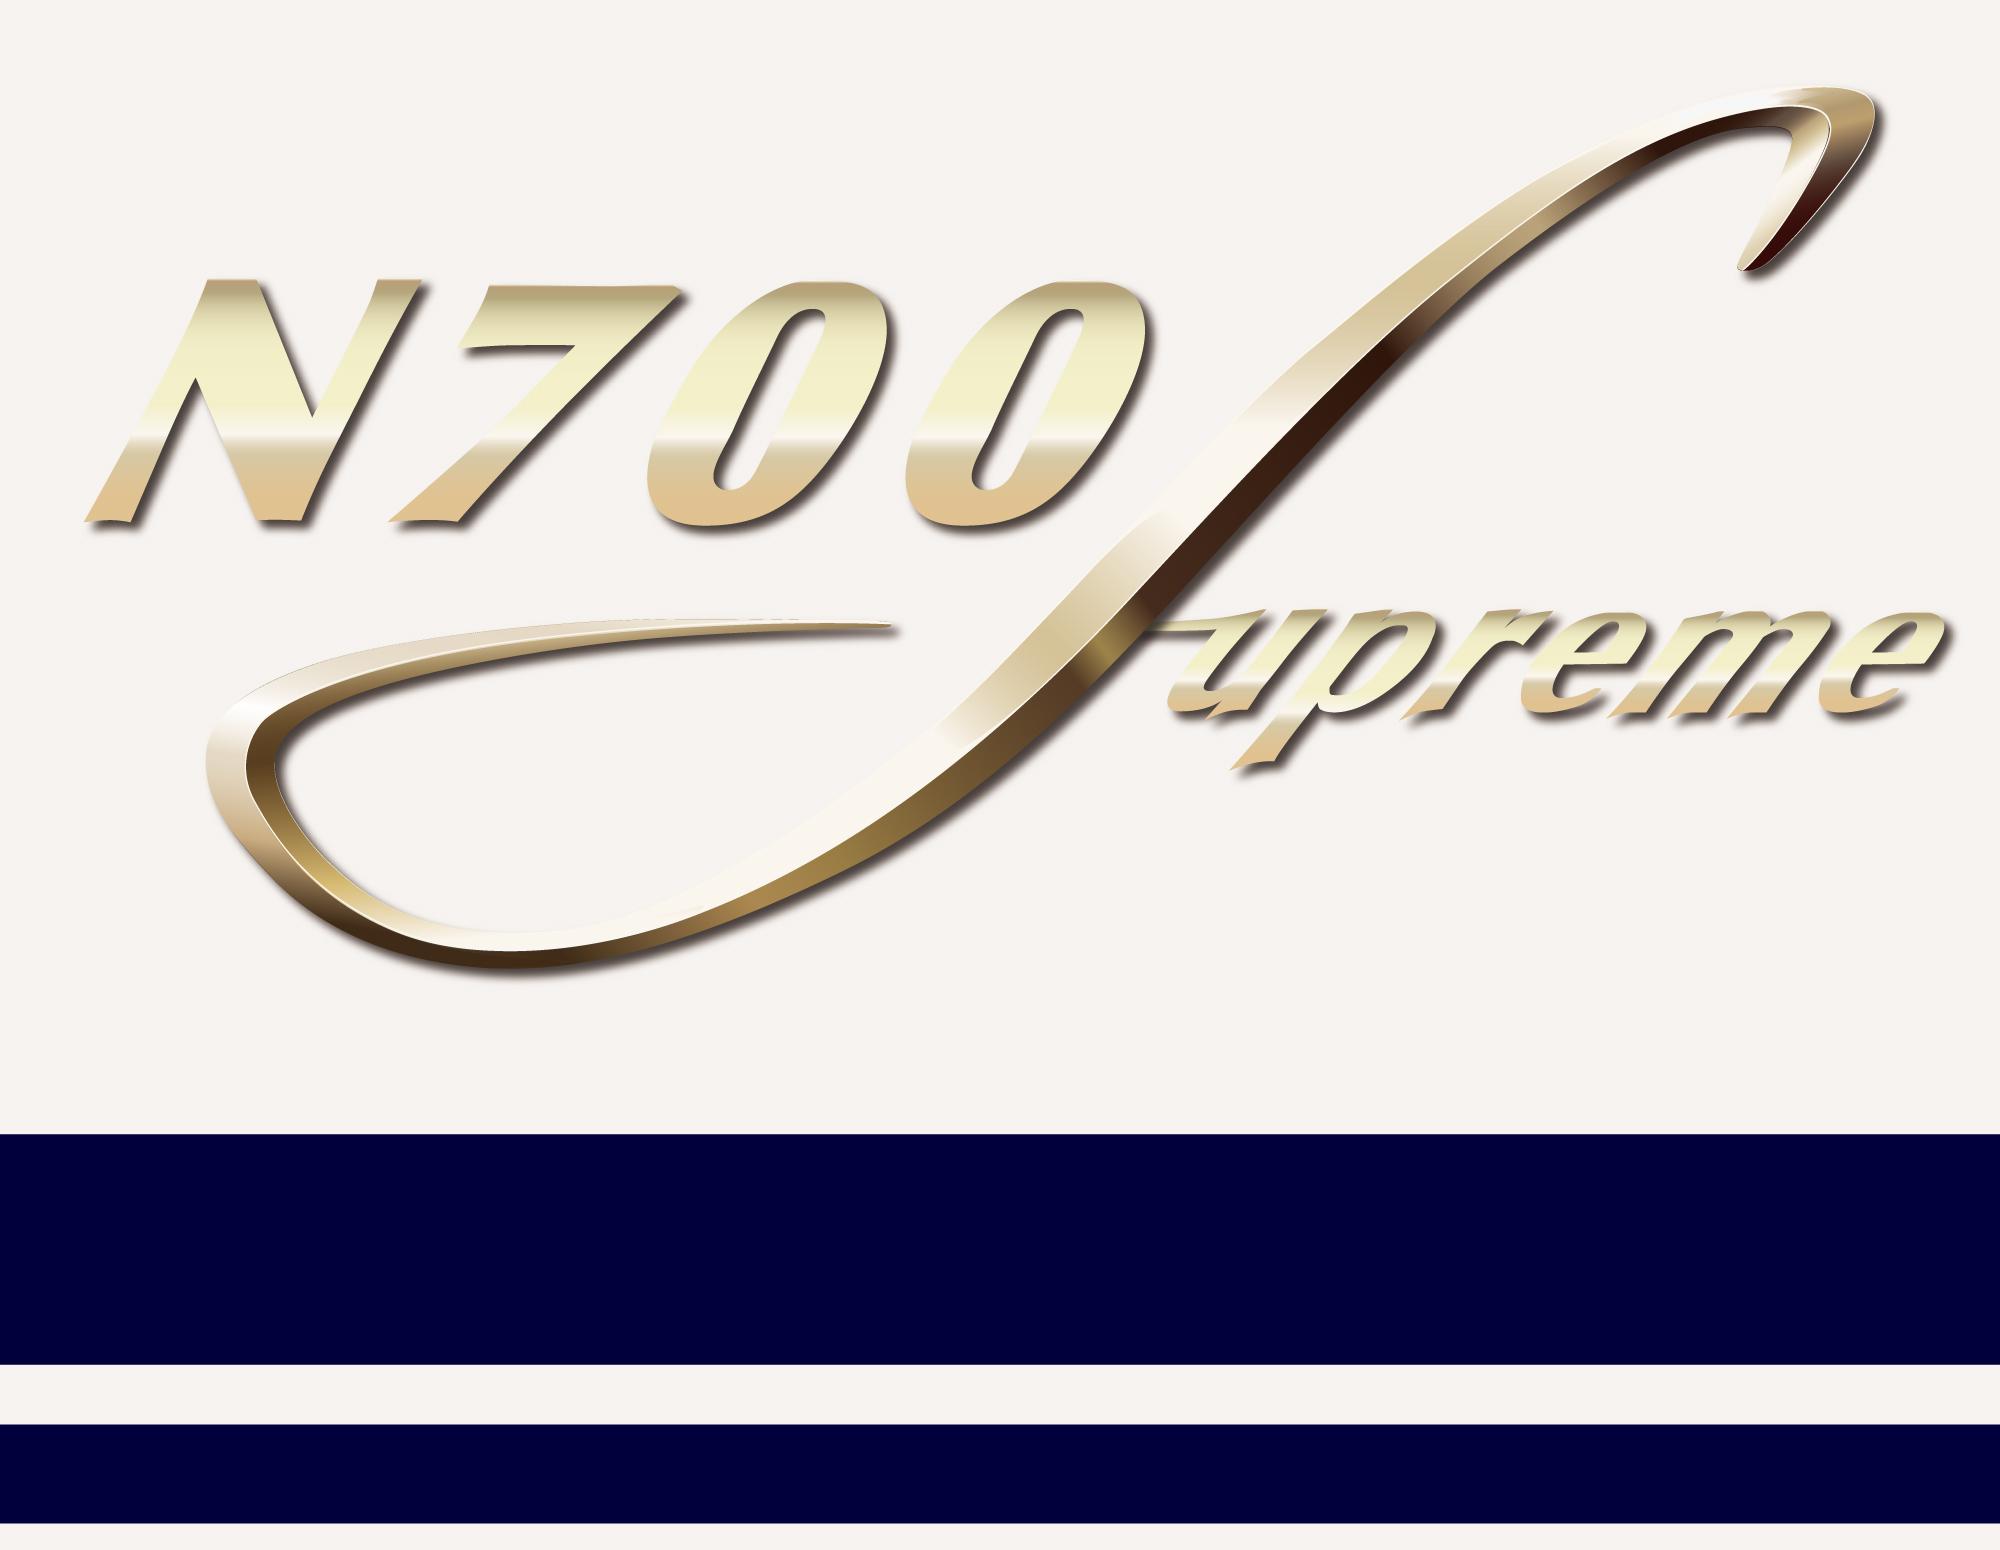 N700S新幹線のロゴマーク